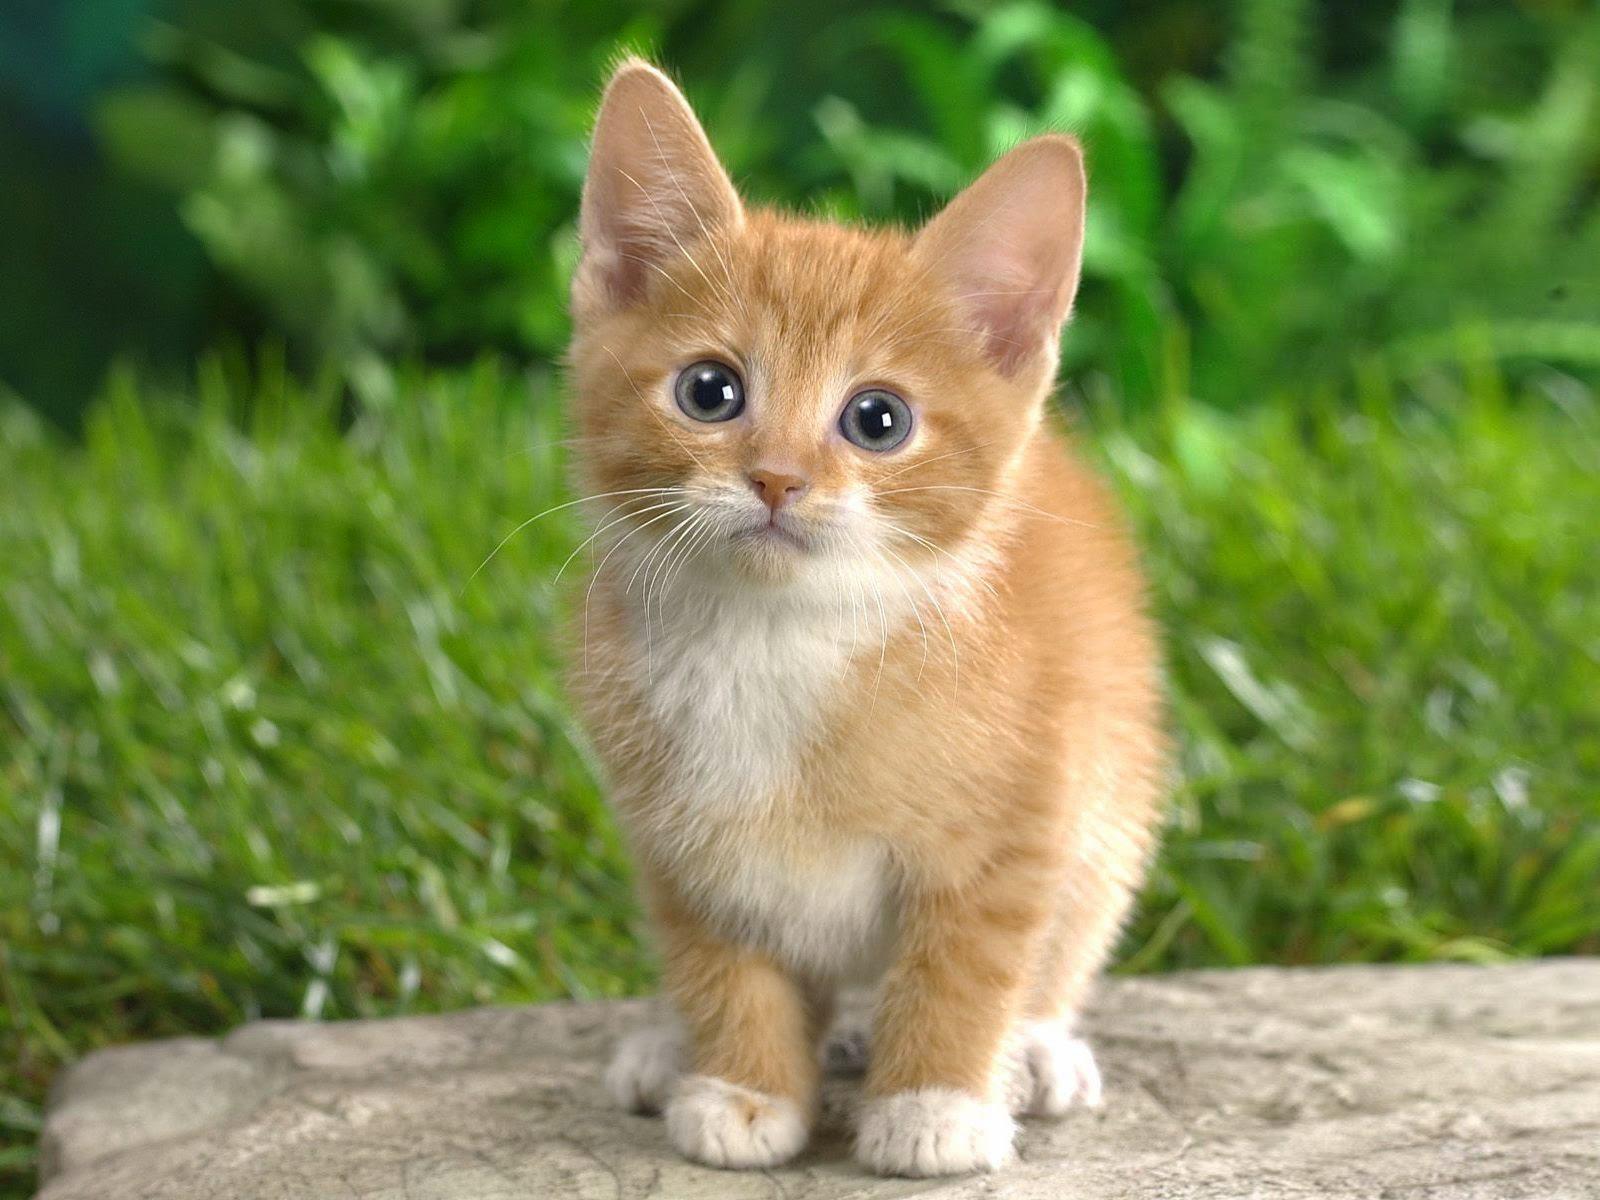 راه های فهمیدن چیزی های که گربه ميخواهد